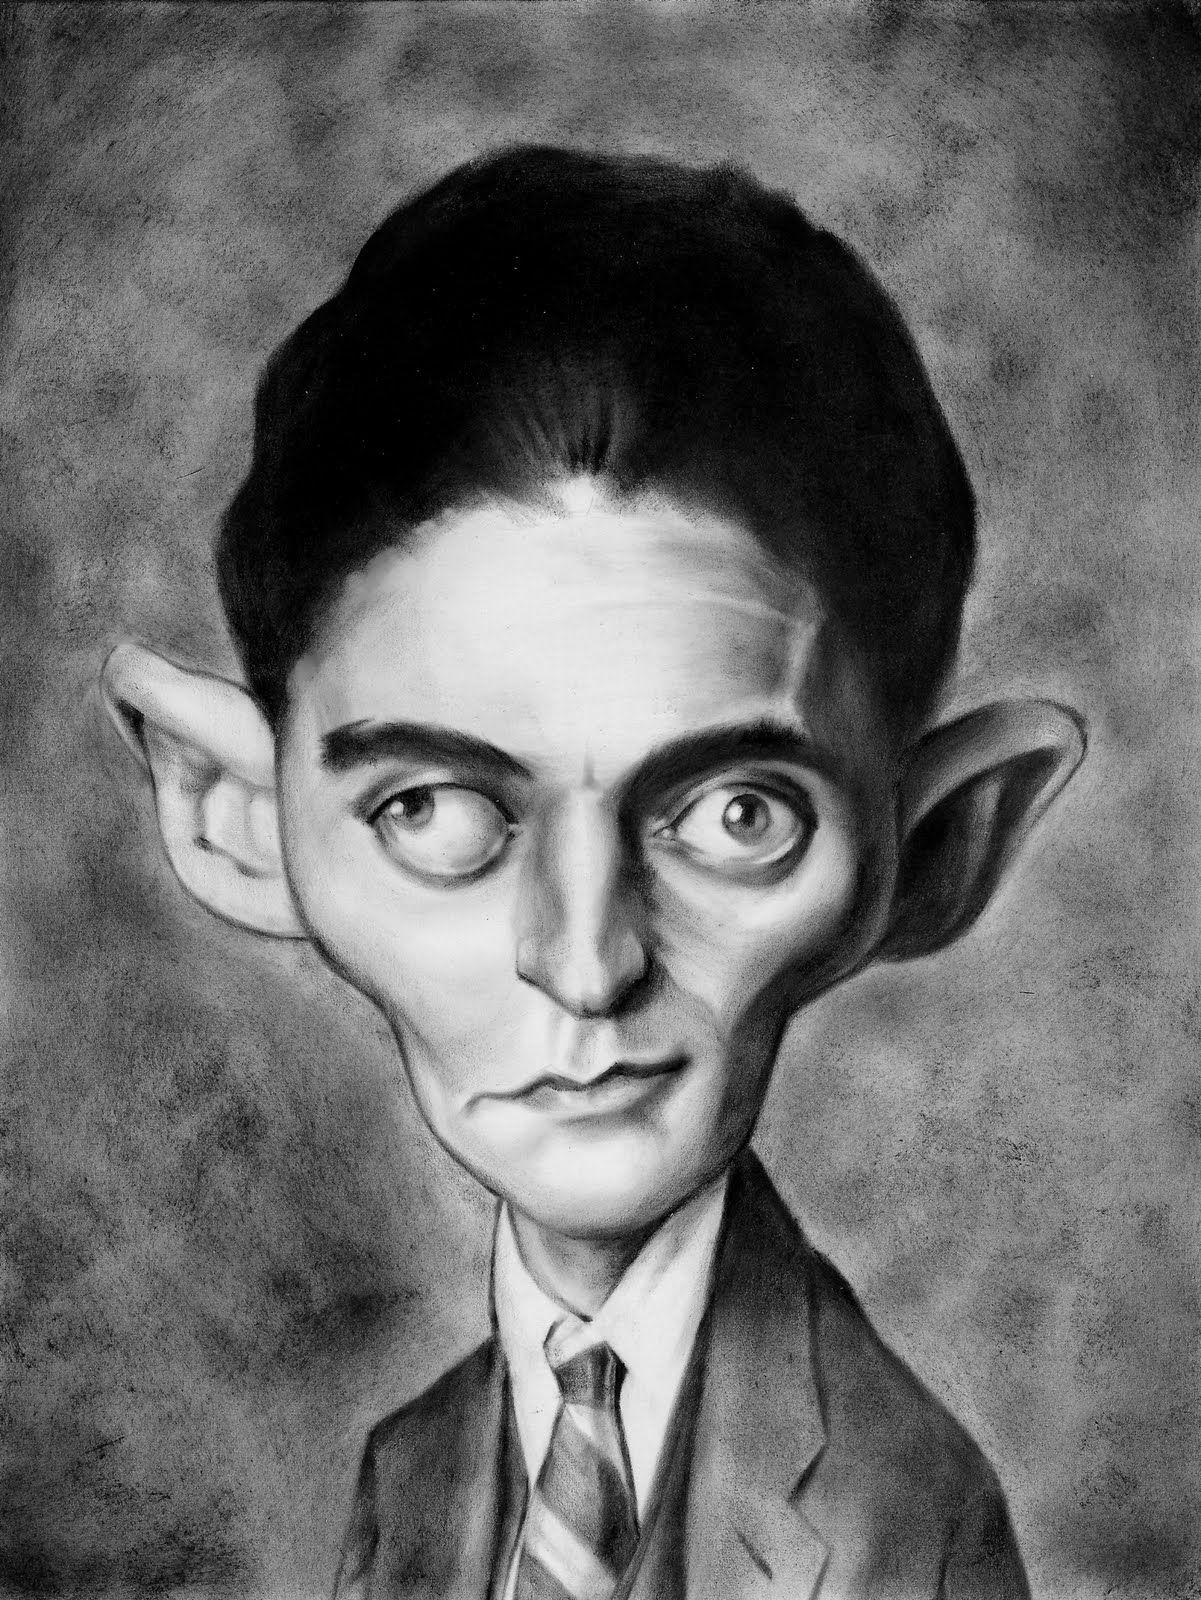 Franz Kafka Caricature | Art, Artwork, Portrait art